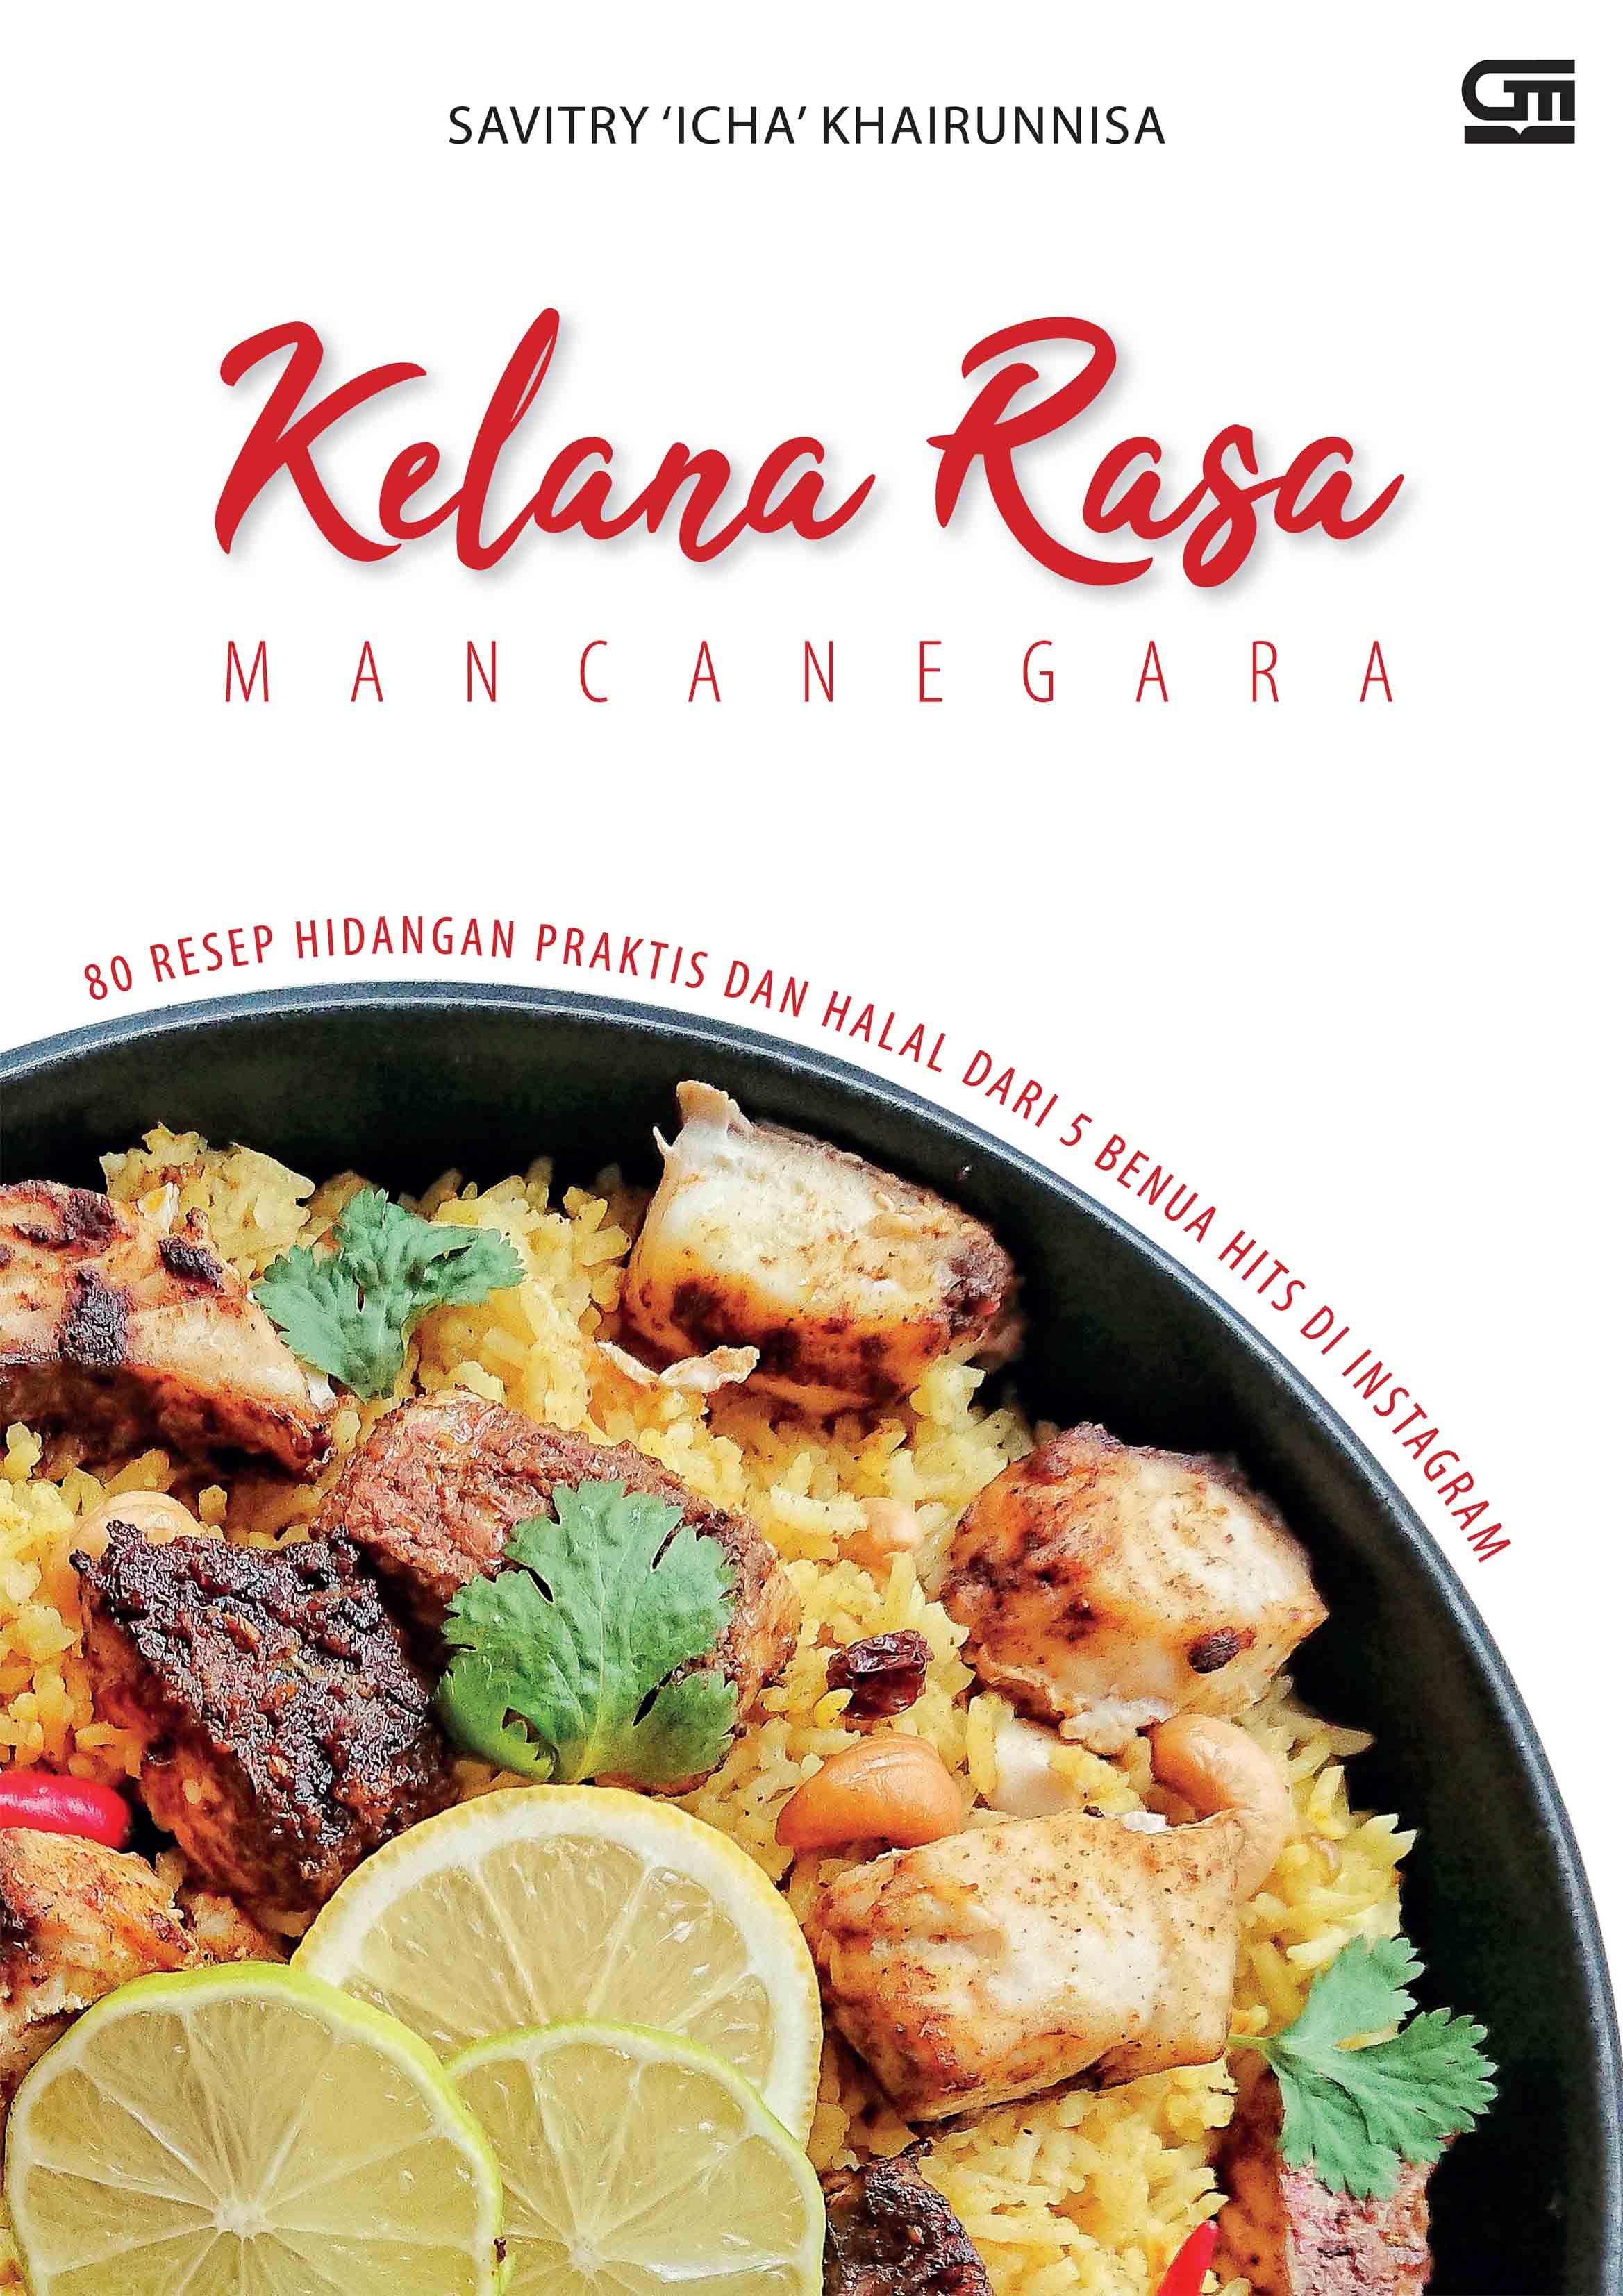 Kelana Rasa Mancanegara - 80 Resep Hidangan Praktis dan Halal Dari 5 benua Hits di Instagram